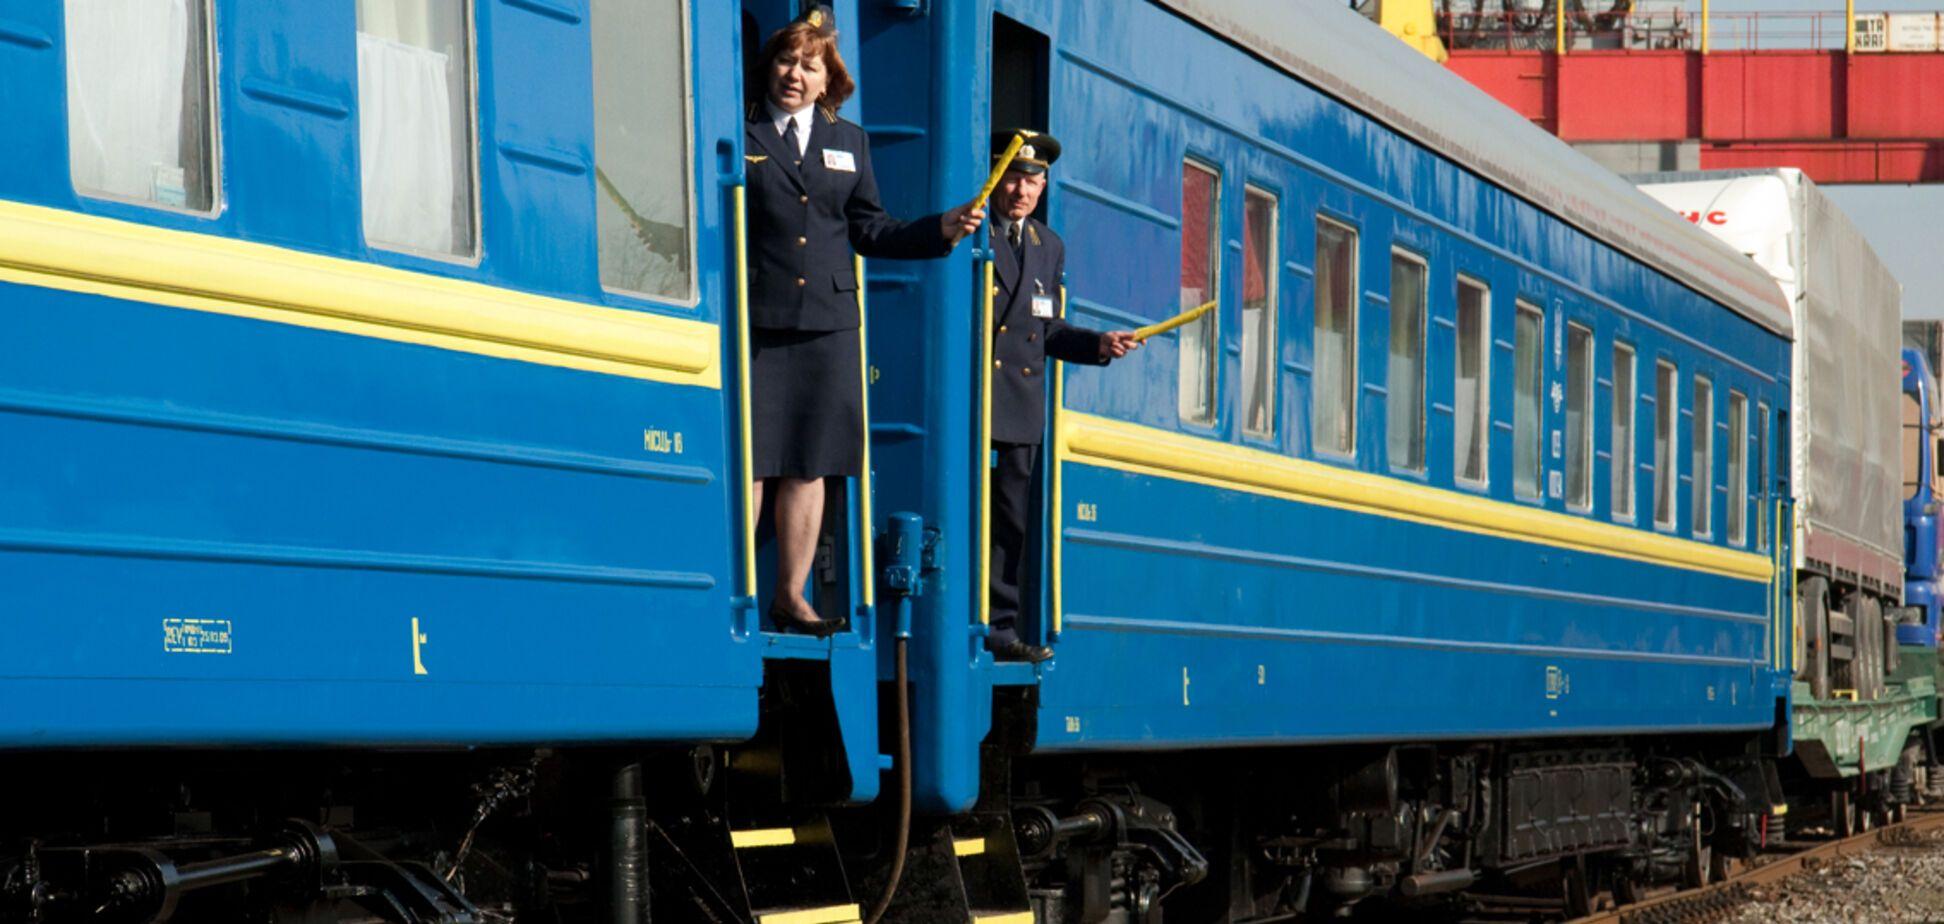 'Укрзалізниця' опять повысила цены на ж/д билеты: почему и на сколько